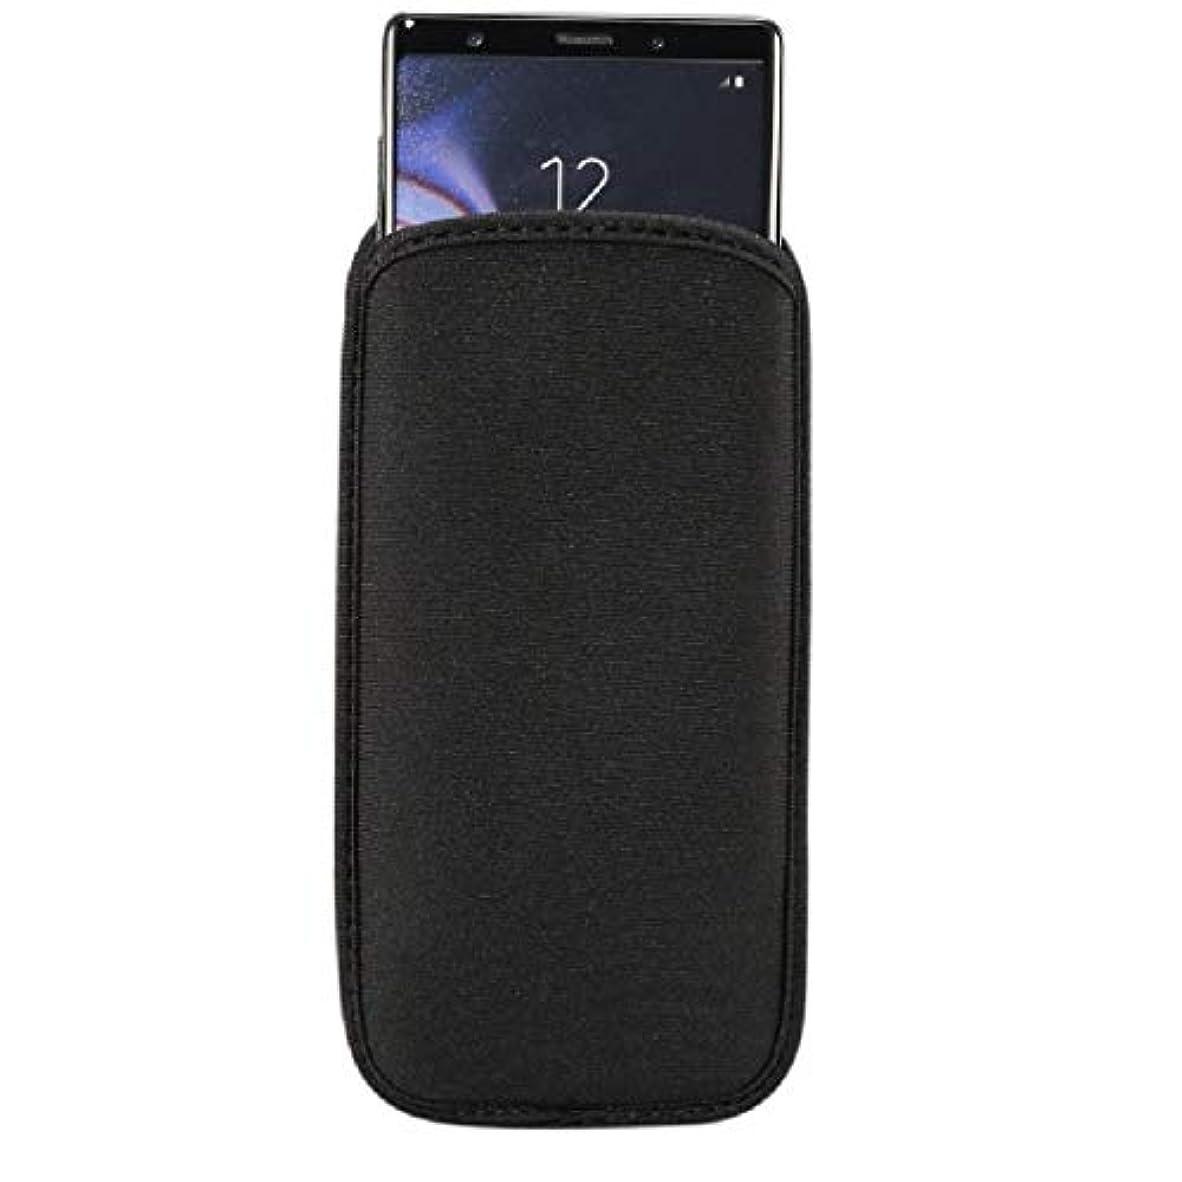 スクランブルミニチュアスペインDFV mobile - 防水性と耐衝撃性のネオプレンソックスカバー 端末対応Asus Zenfone Go ZB551KL - 黒